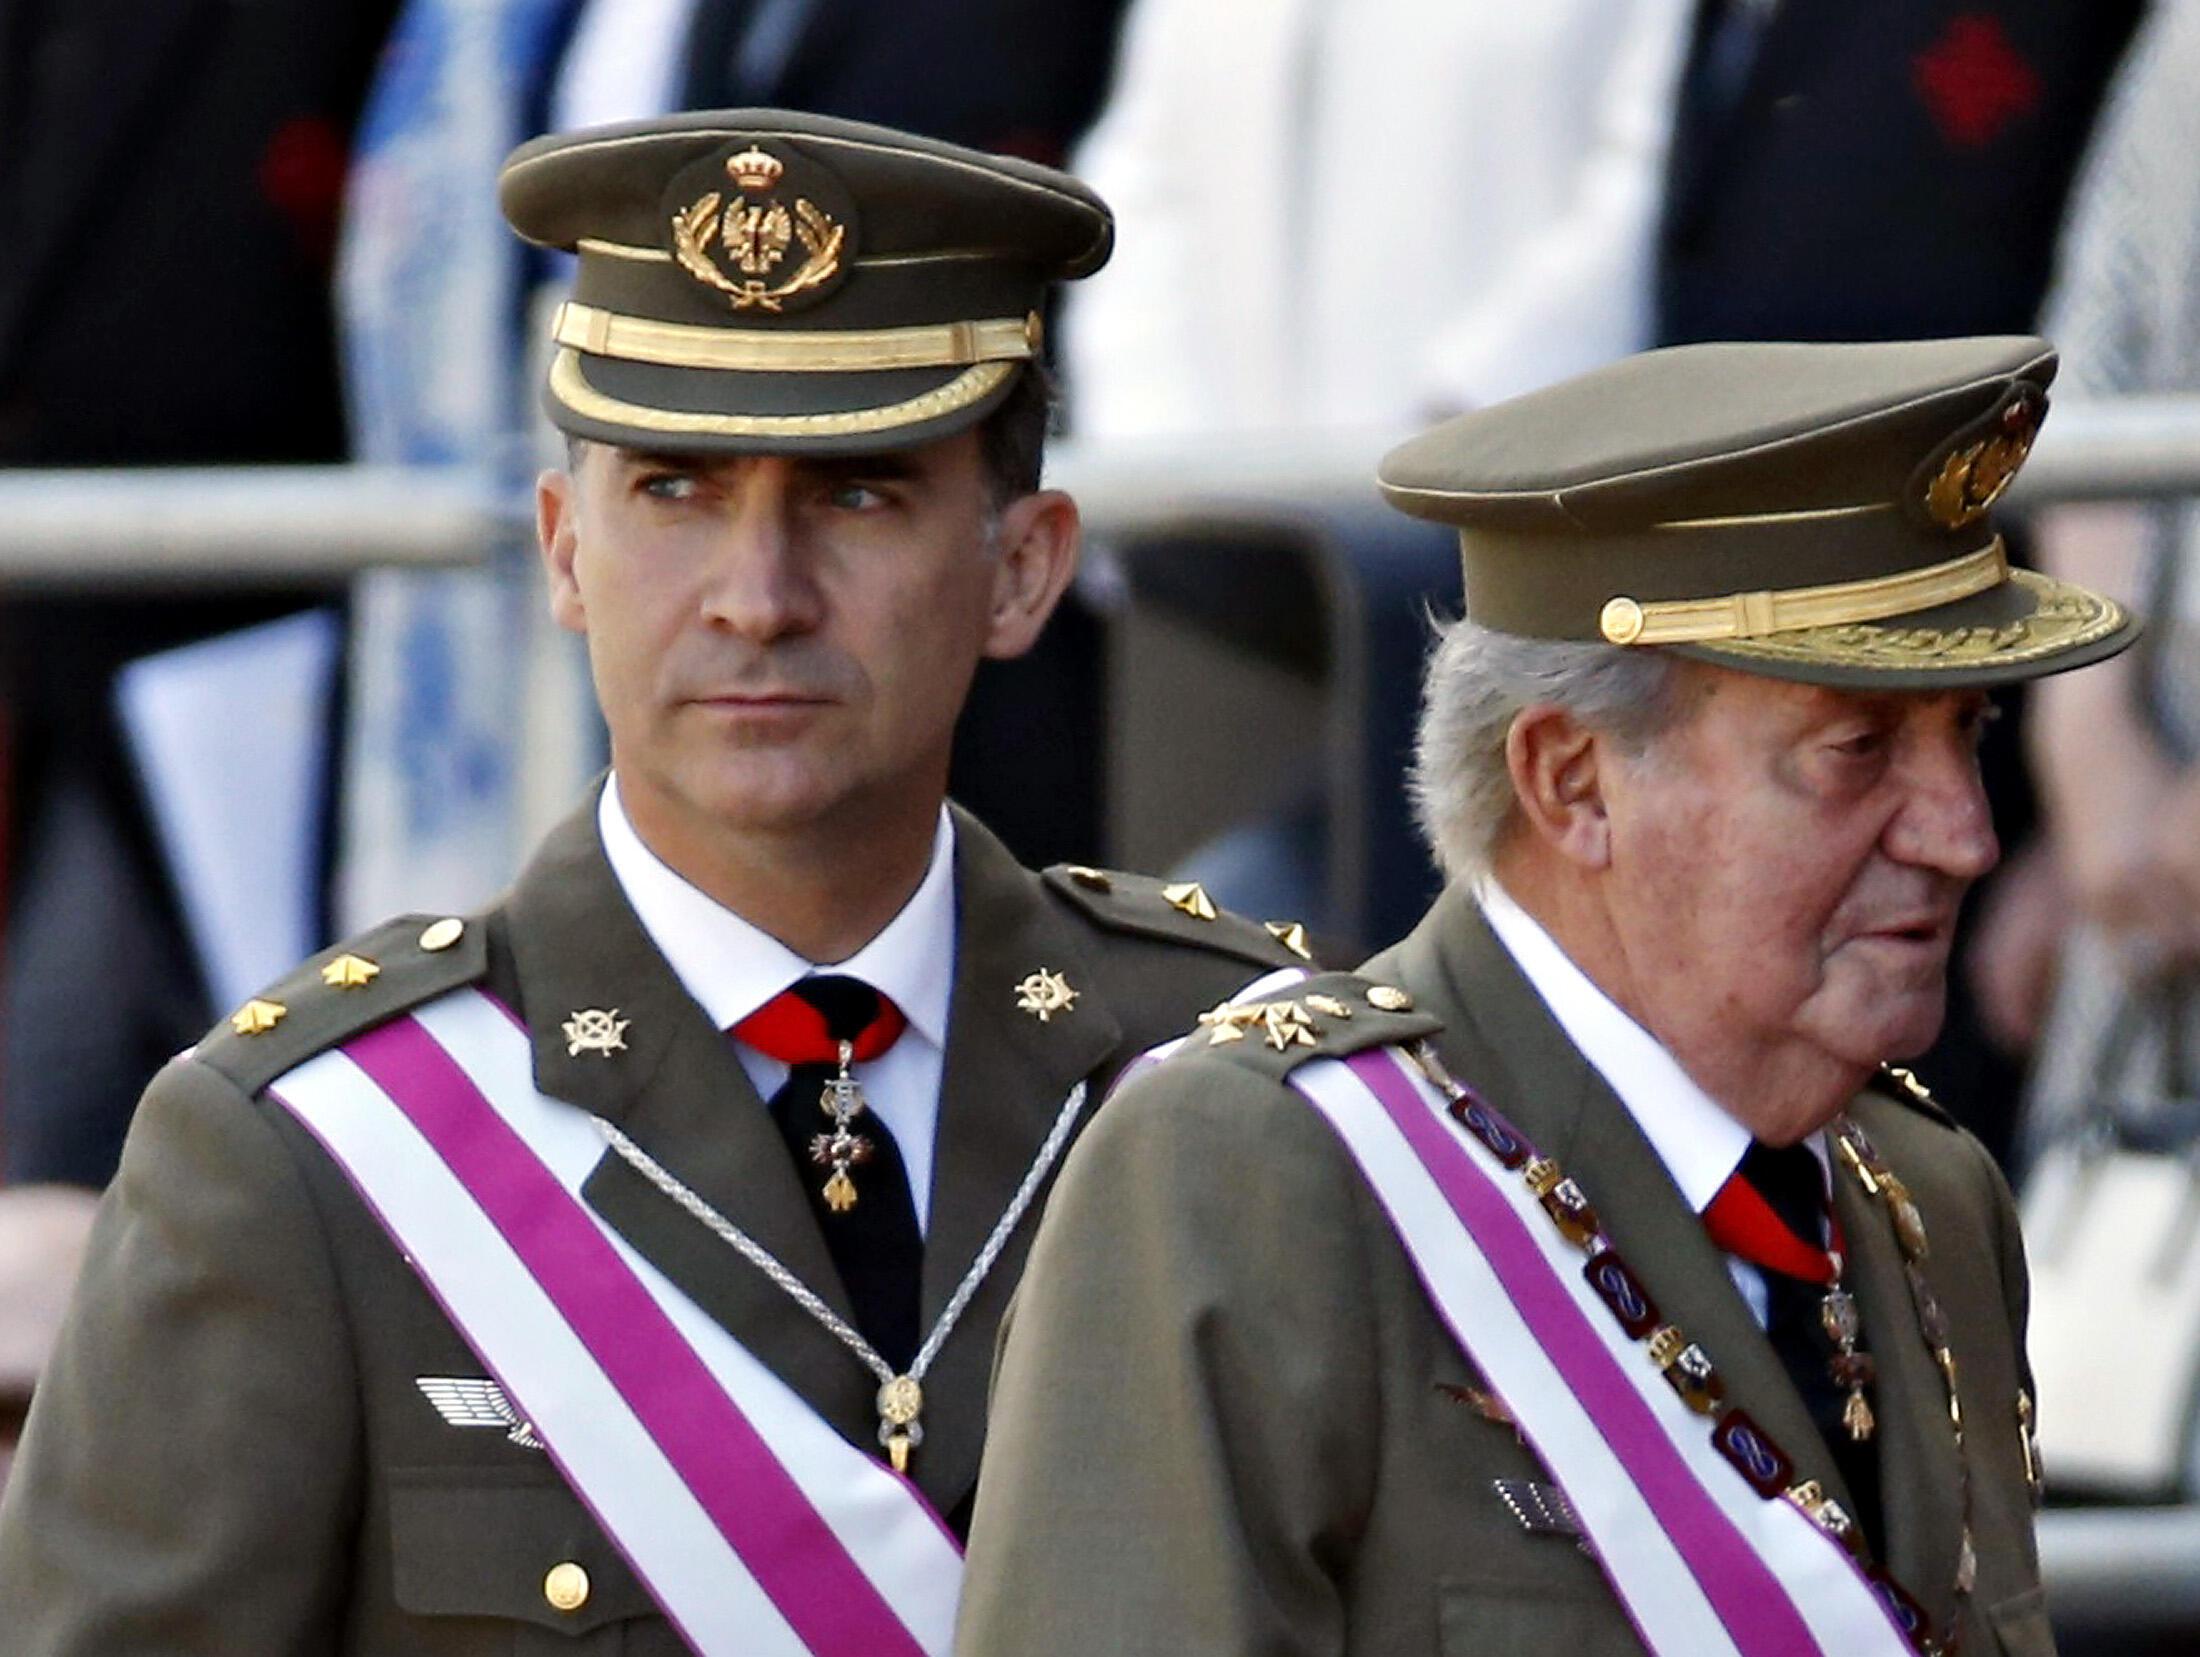 O príncipe Felipe (E) e seu pai, o rei Juan Carlos, nesta terça-feira, 3 de junho, durante cerimônia religiosa no monastério de San Lorenzo del Escorial, em Madri.